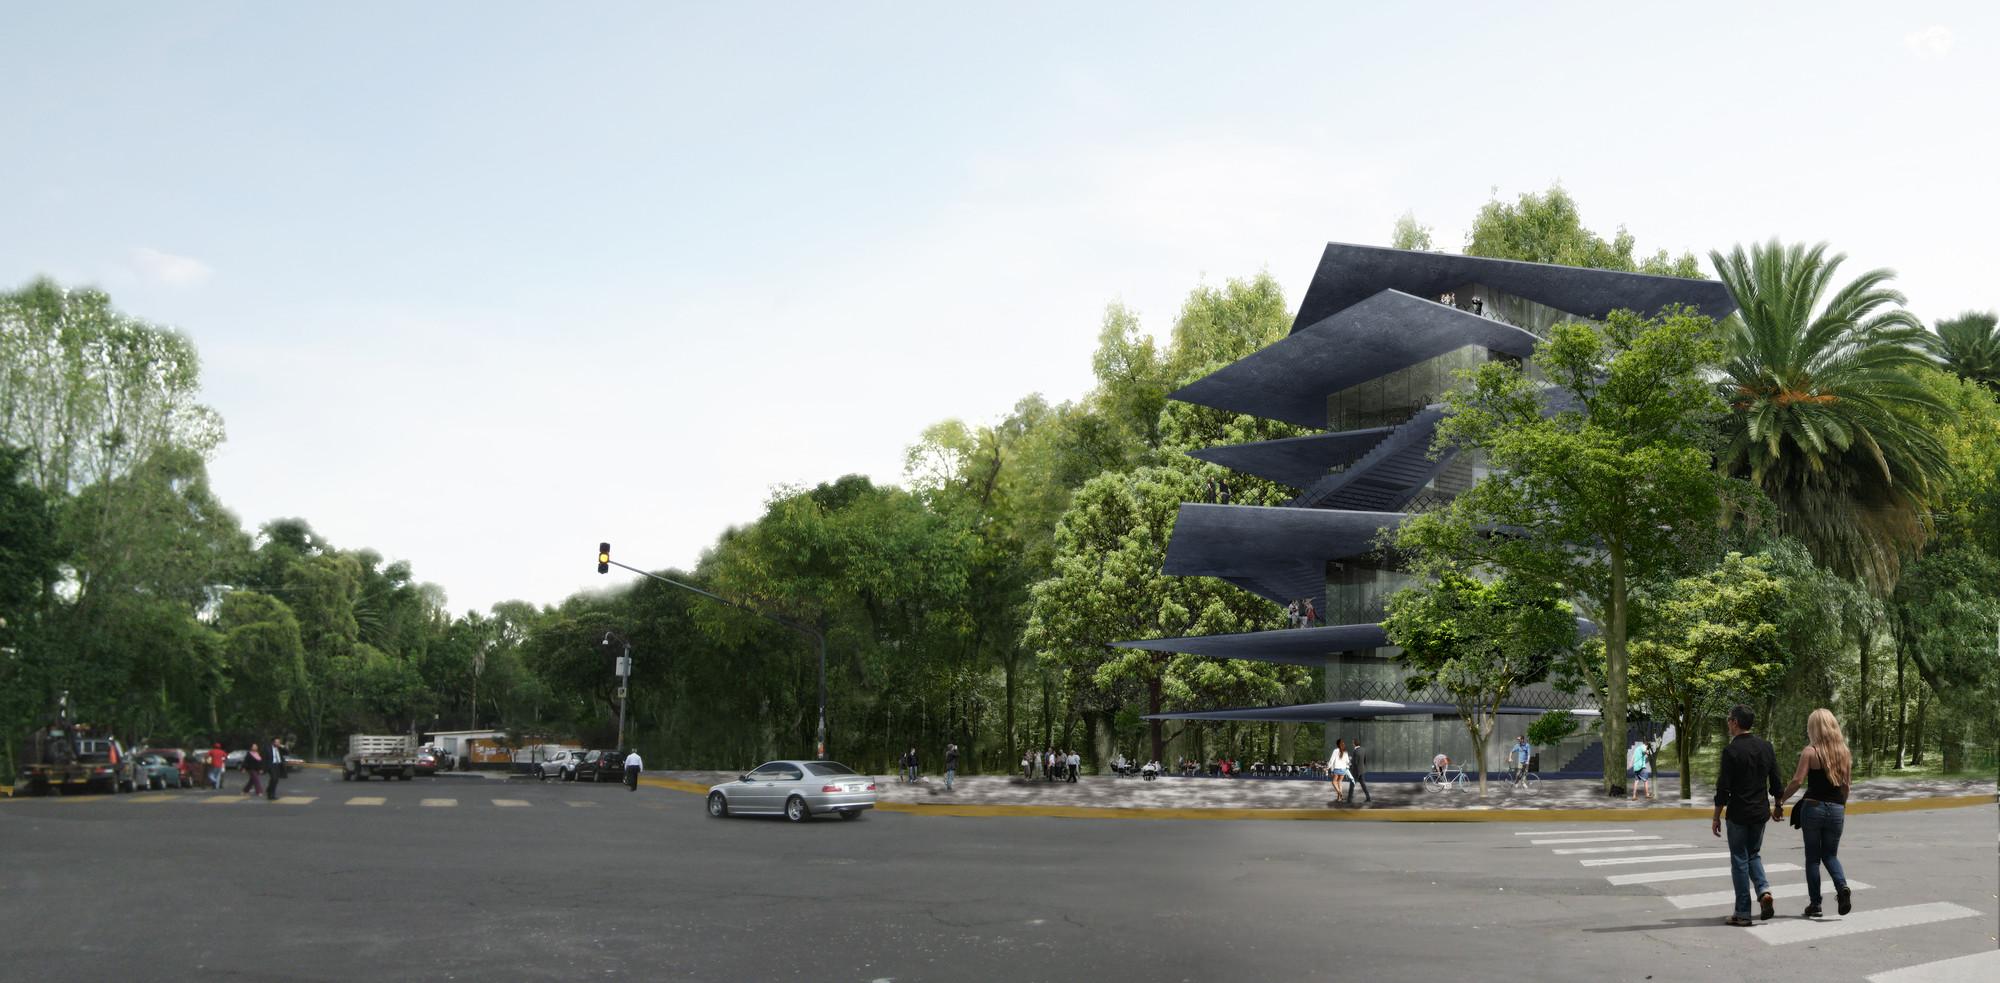 Nuevo edificio cultural para Ciudad de México de Zeller & Moye en colaboración con FR-EE, Courtesy of Zeller & Moye